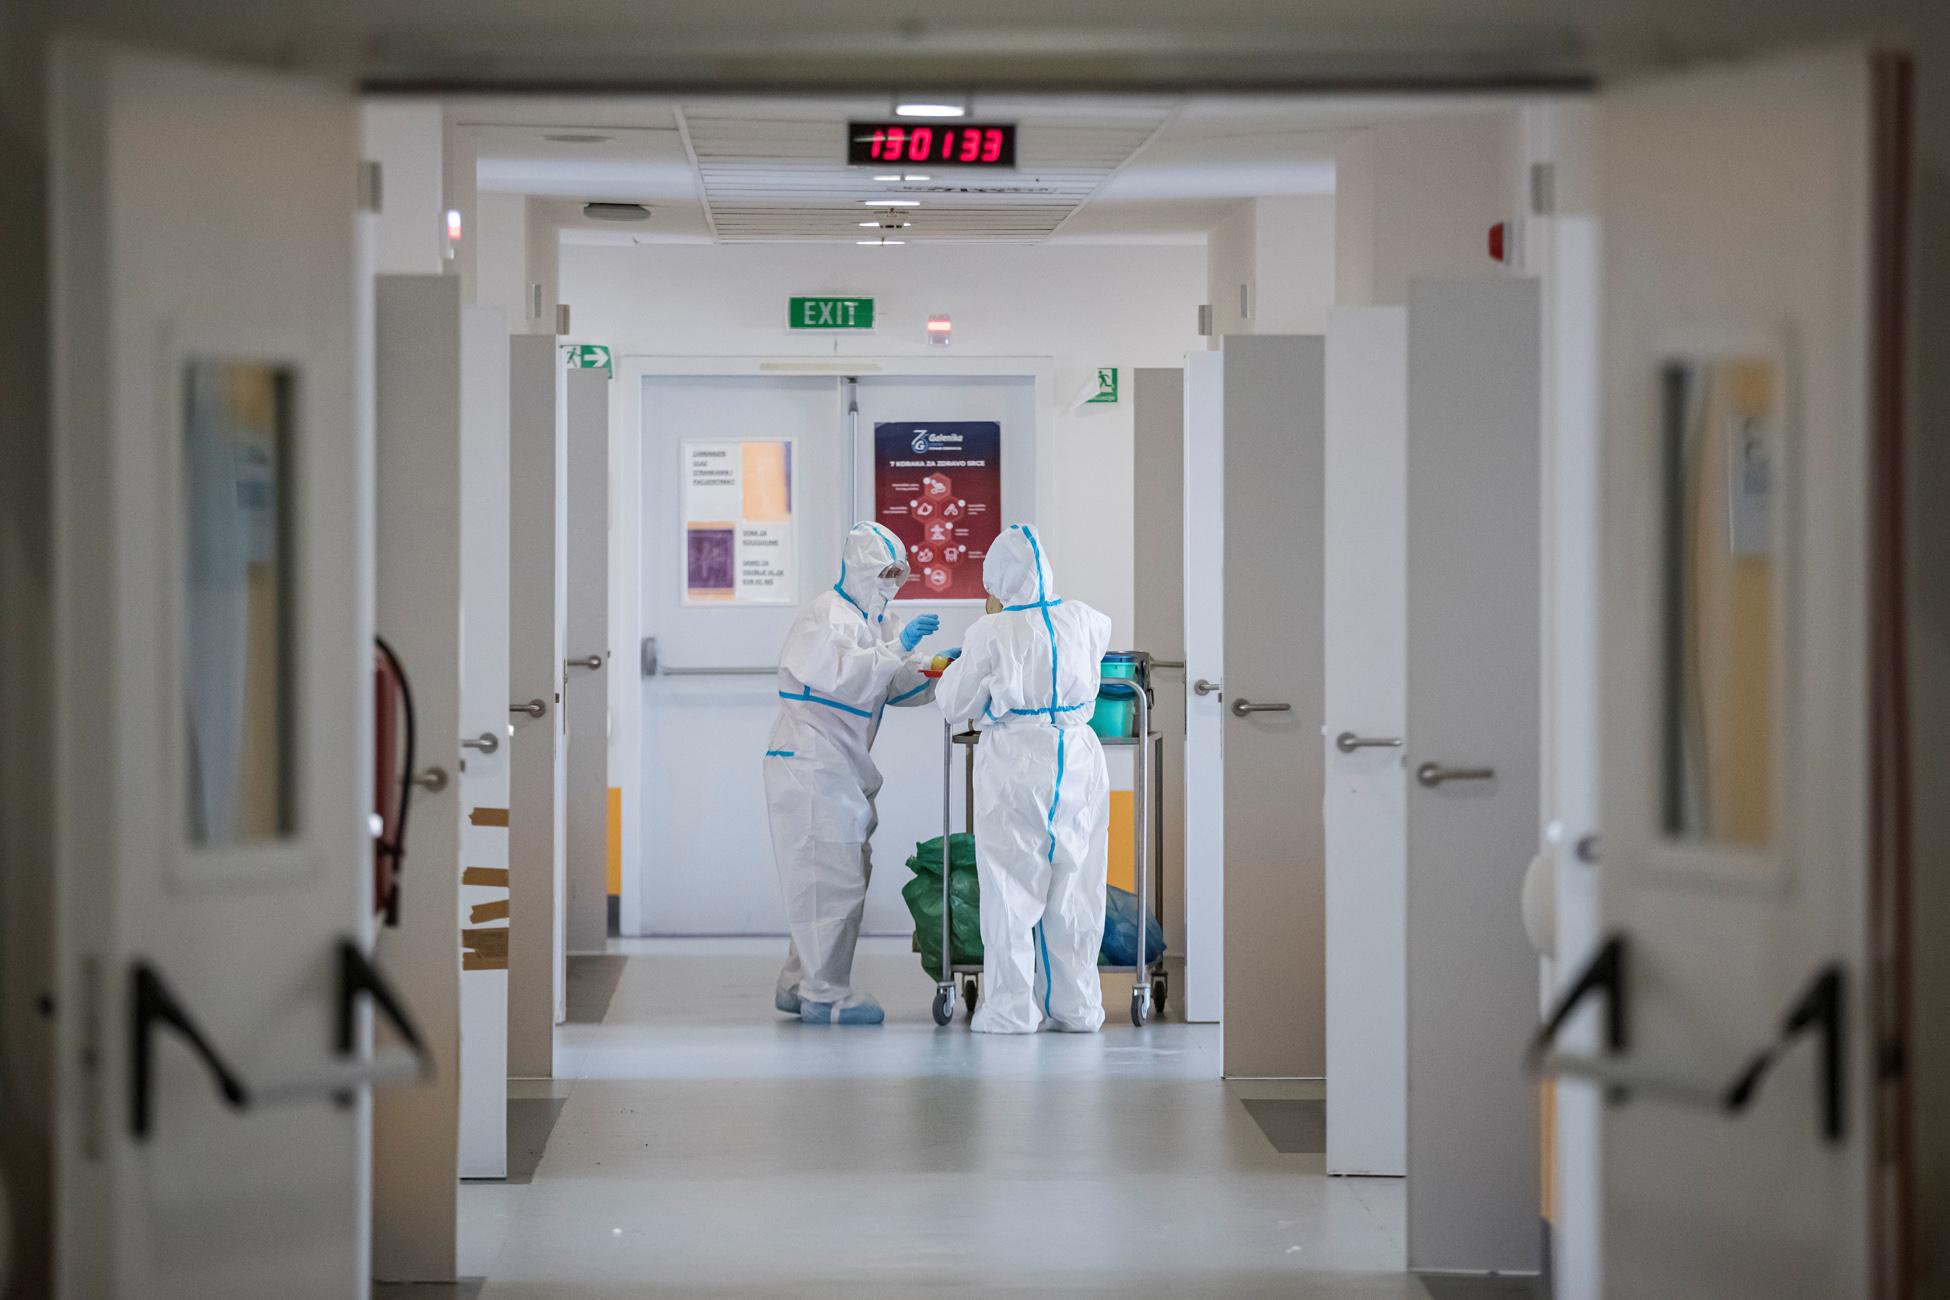 Σουηδία – κορονοϊός: Αυξάνονται οι νοσηλείες στις ΜΕΘ